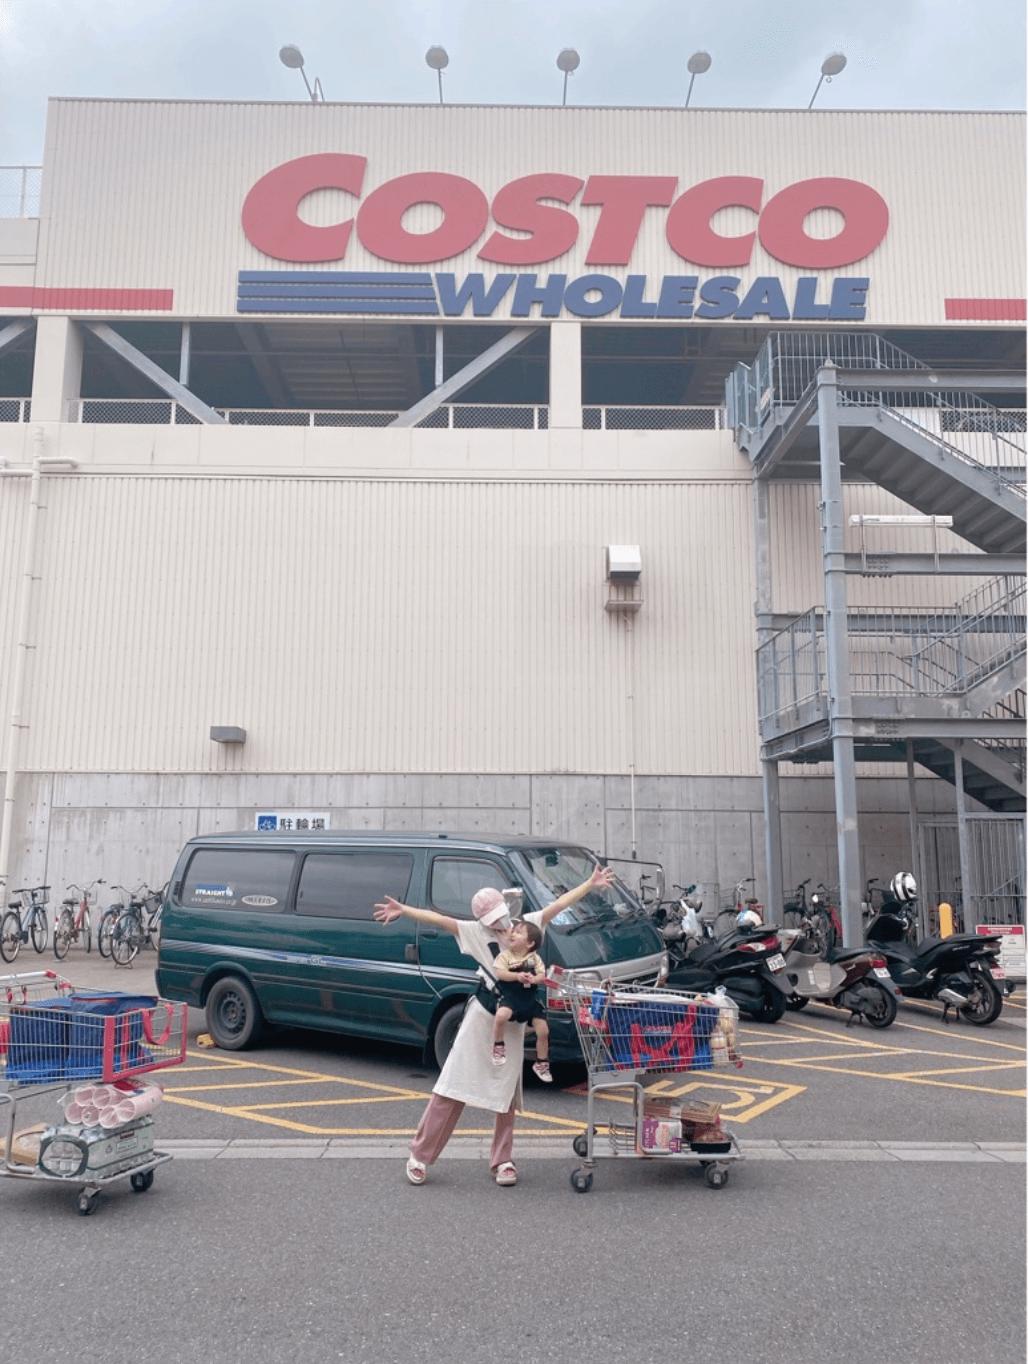 """辻希美、お茶目な息子との2SHOT&夏休みに備えコストコでの""""大量買い""""も報告「なるべく簡単メニューで…」"""